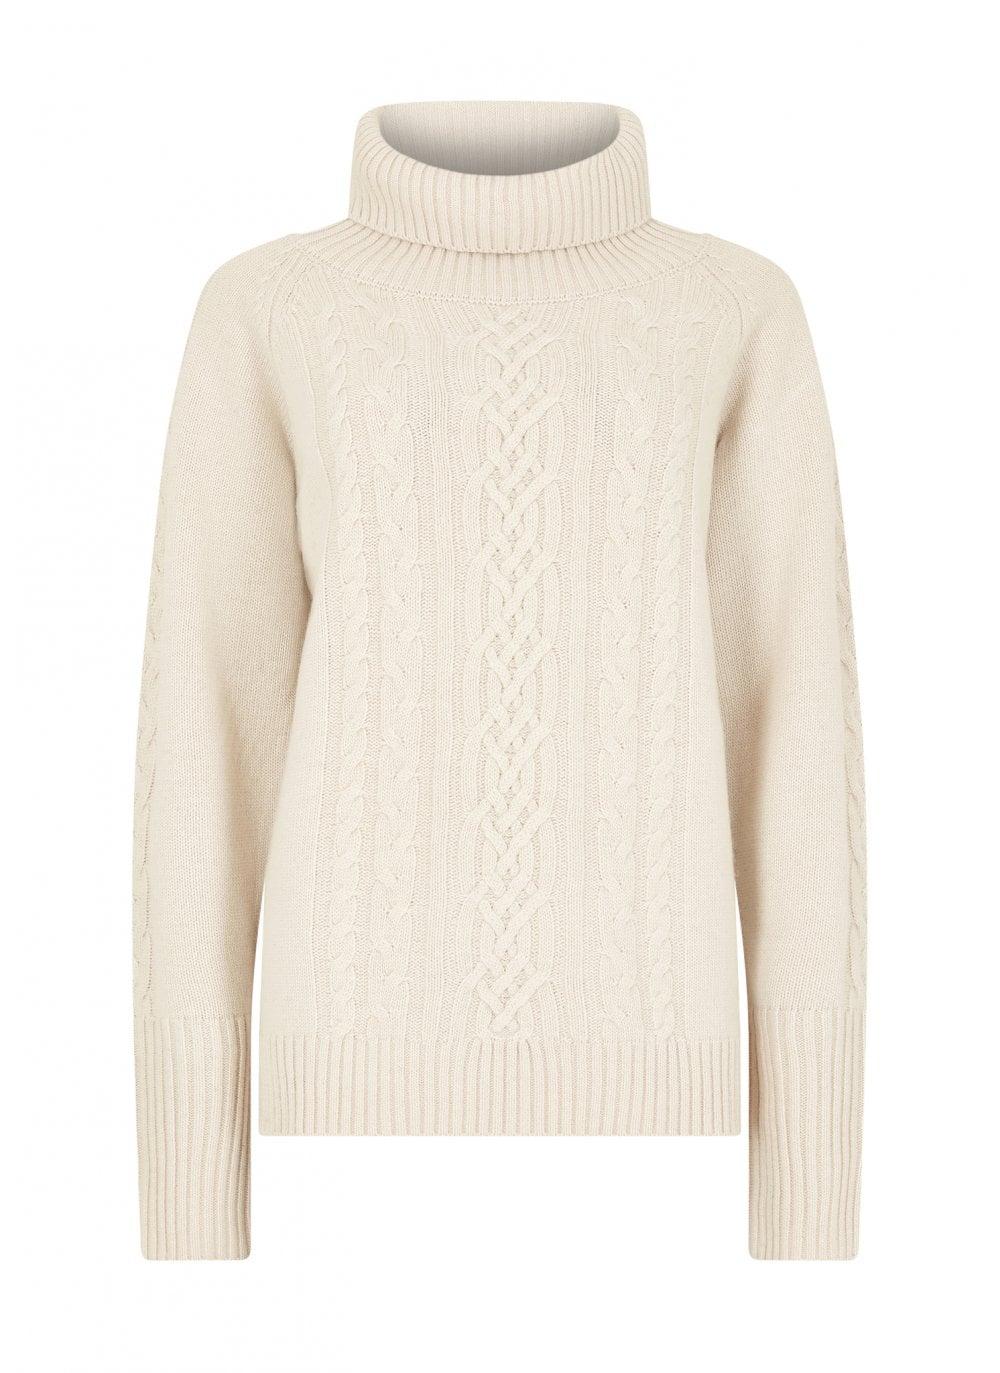 Dubarry-kennedy-sweater-chalk